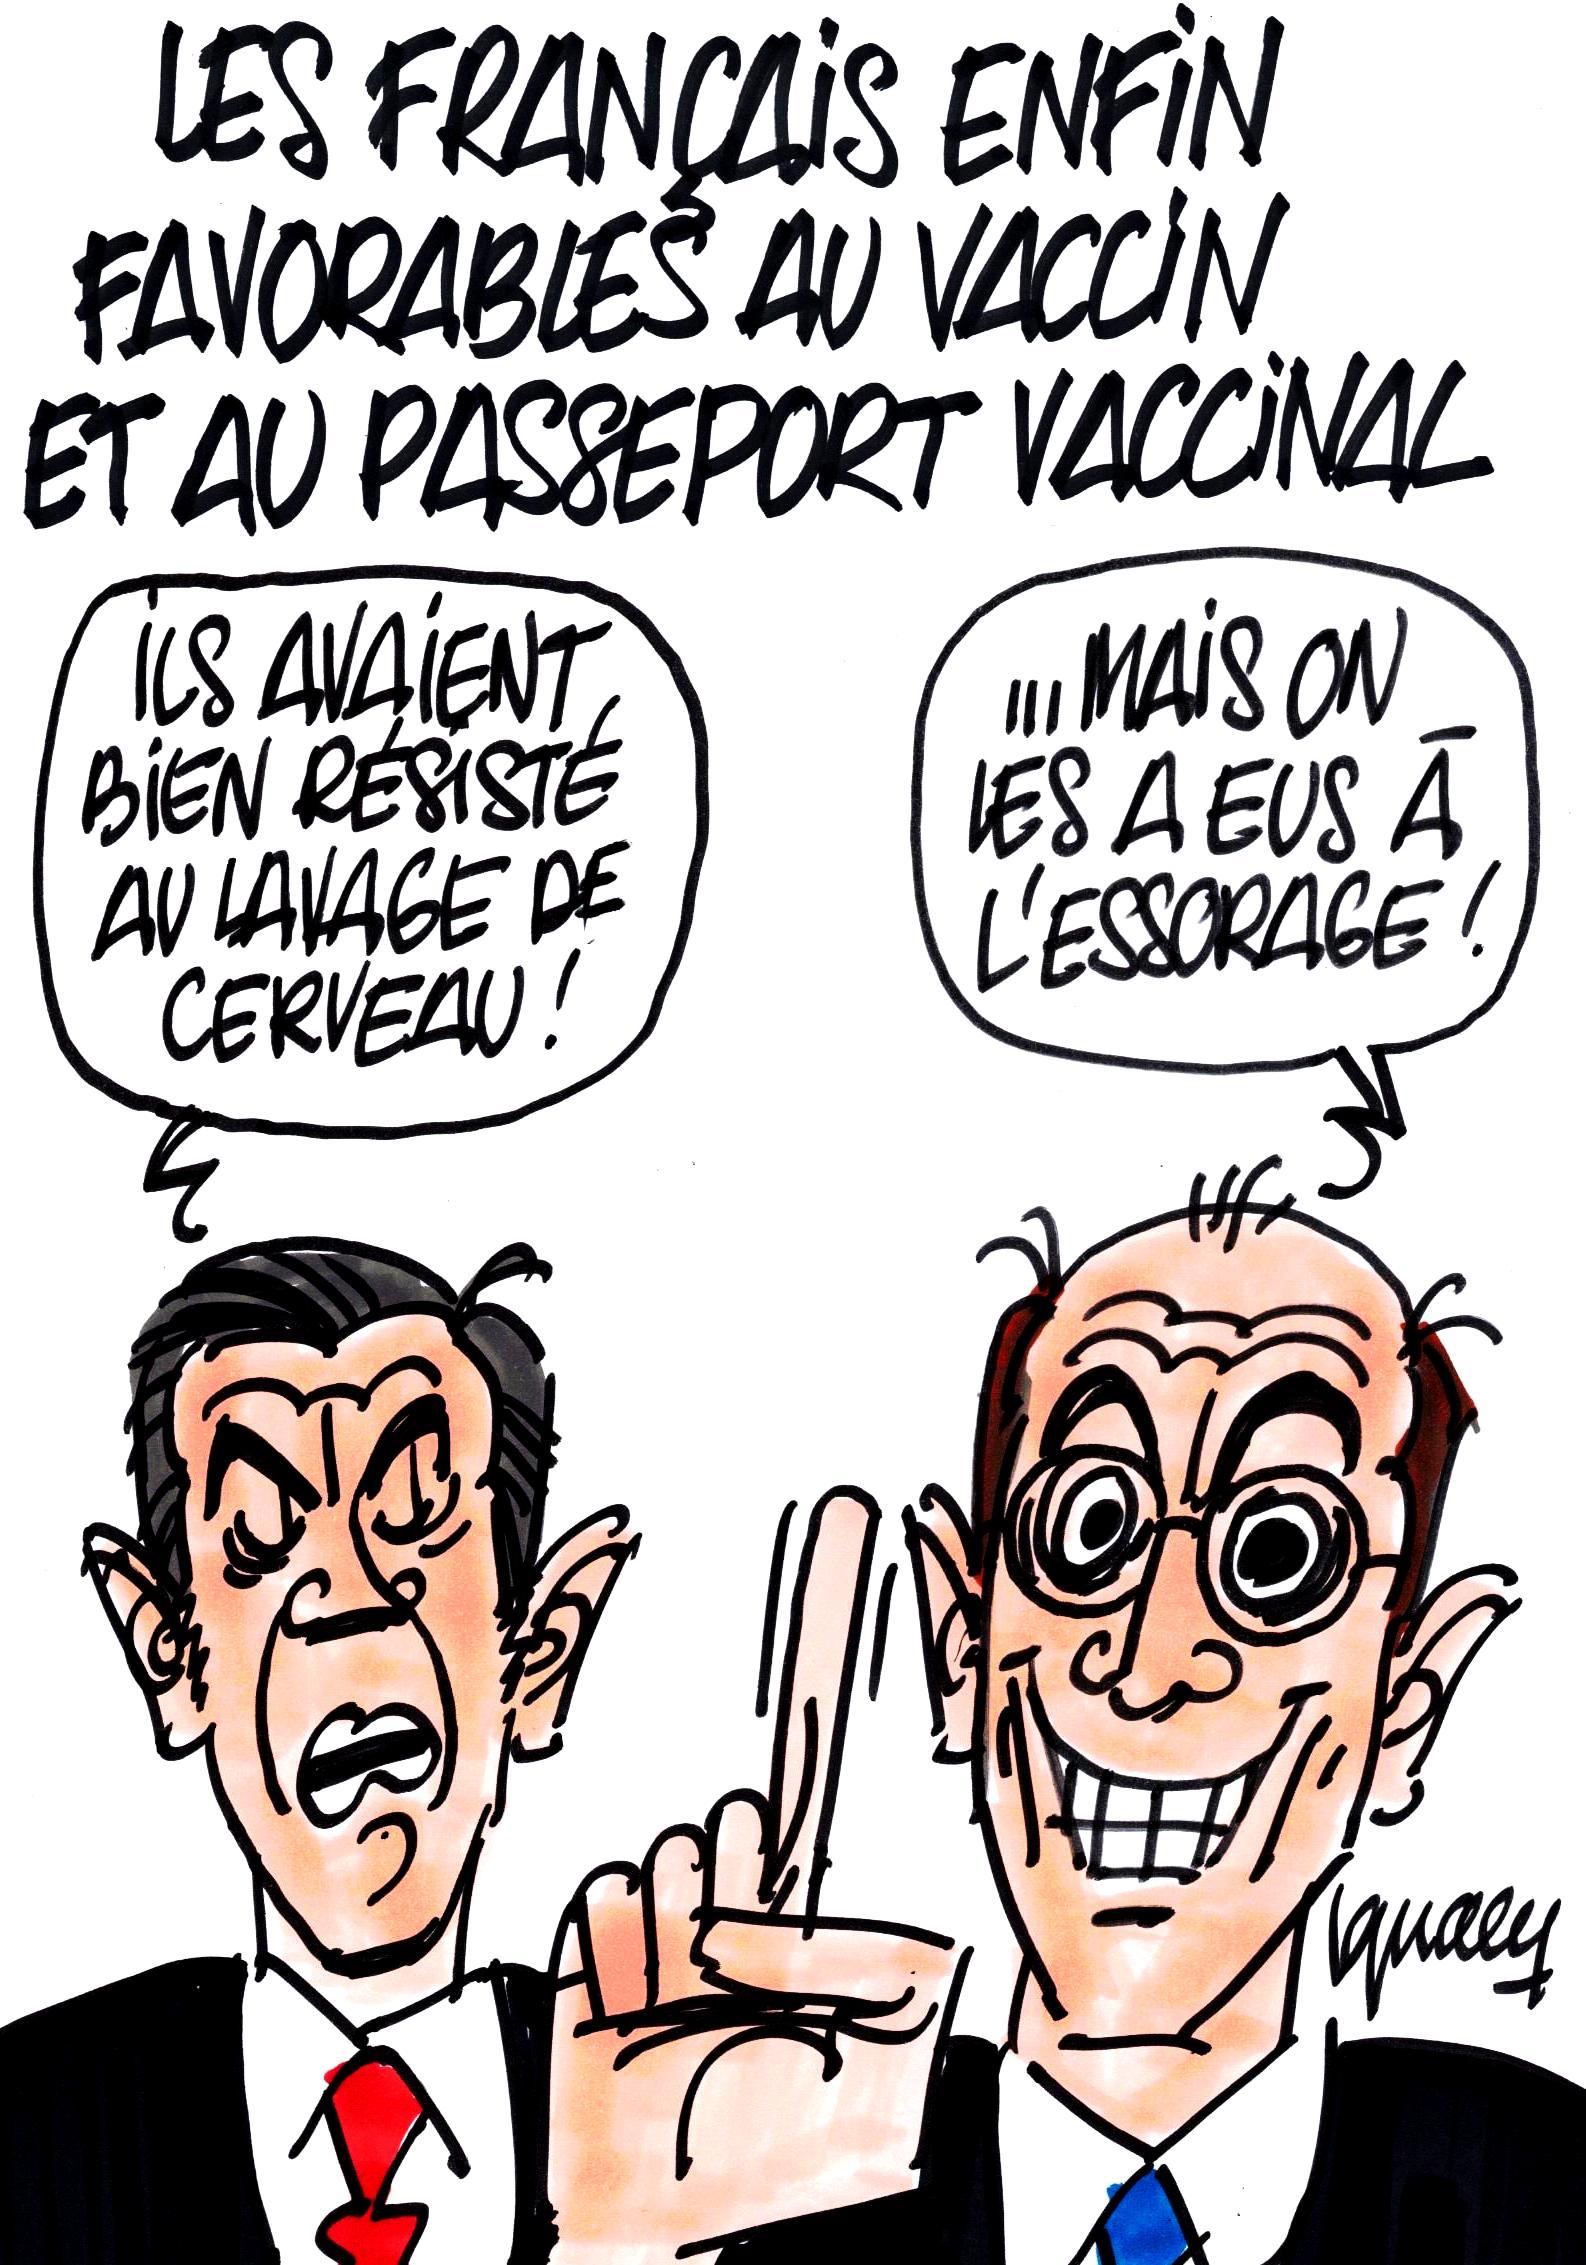 Ignace - Les Français valident le vaccin et le passeport vaccinal